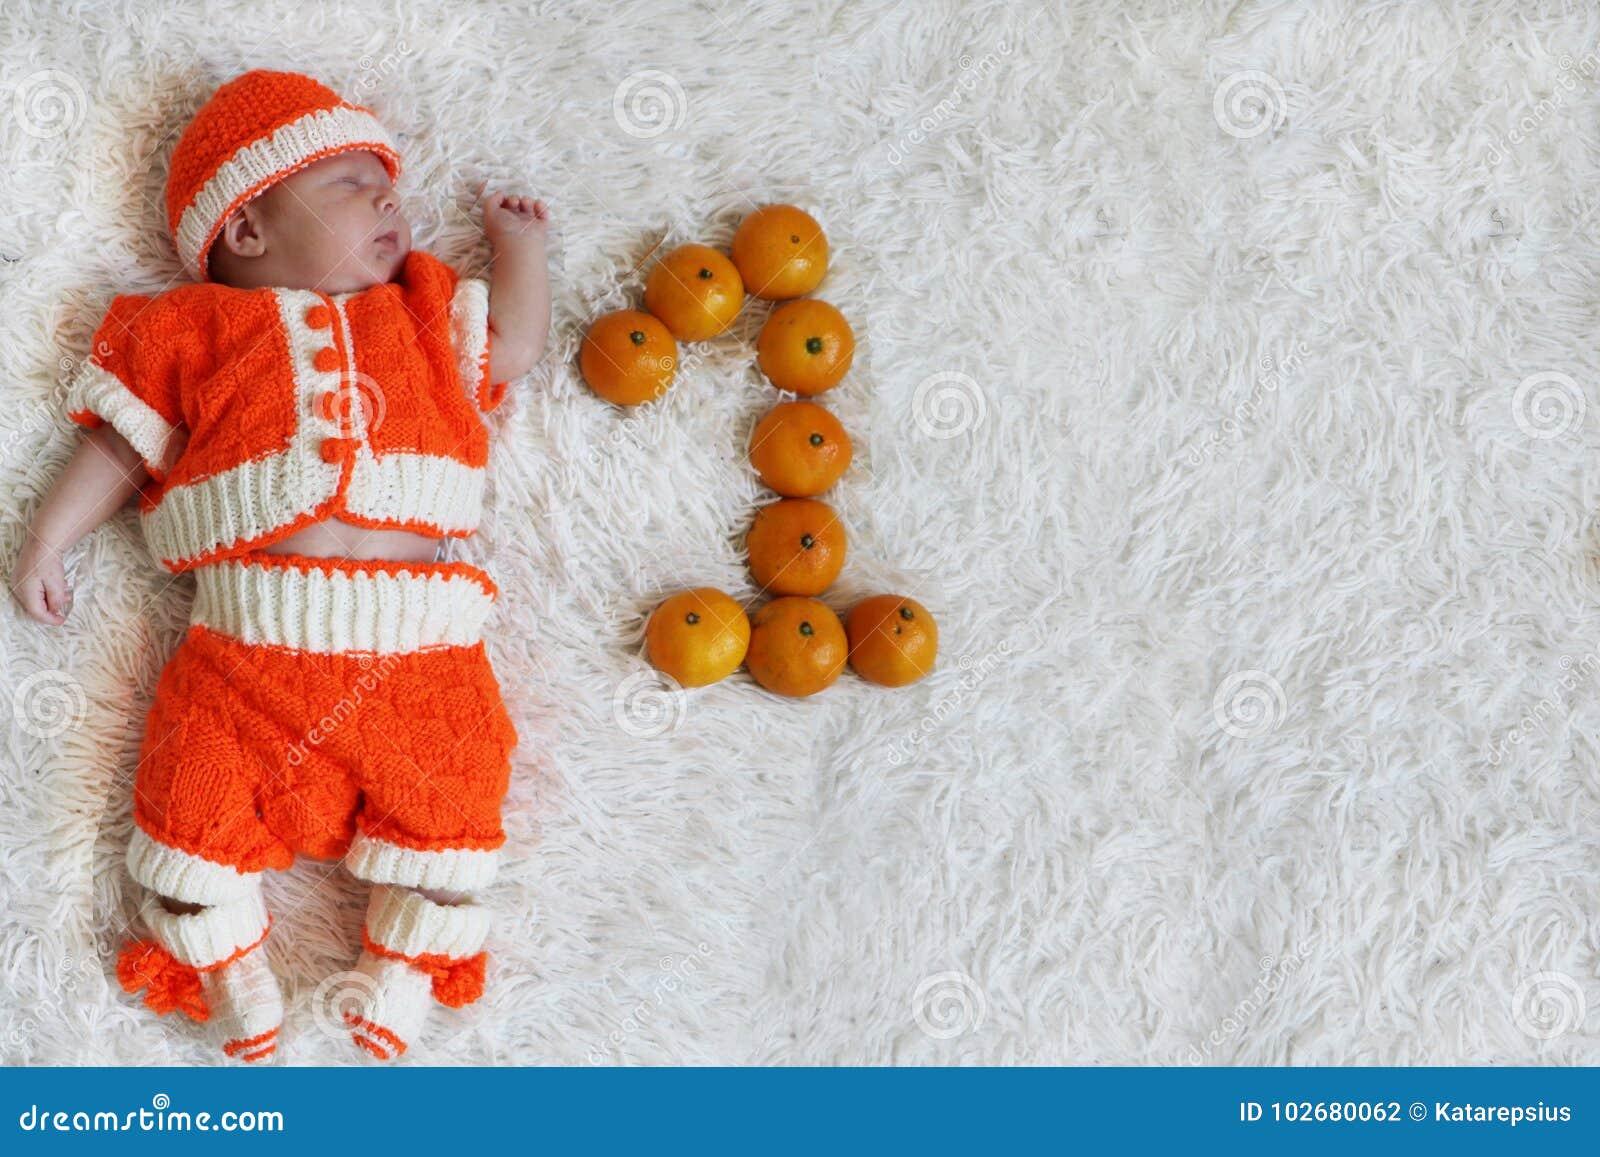 μήνας μωρών ένας Κοισμένος νεογέννητο μωρό ενός μήνα στο πορτοκάλι